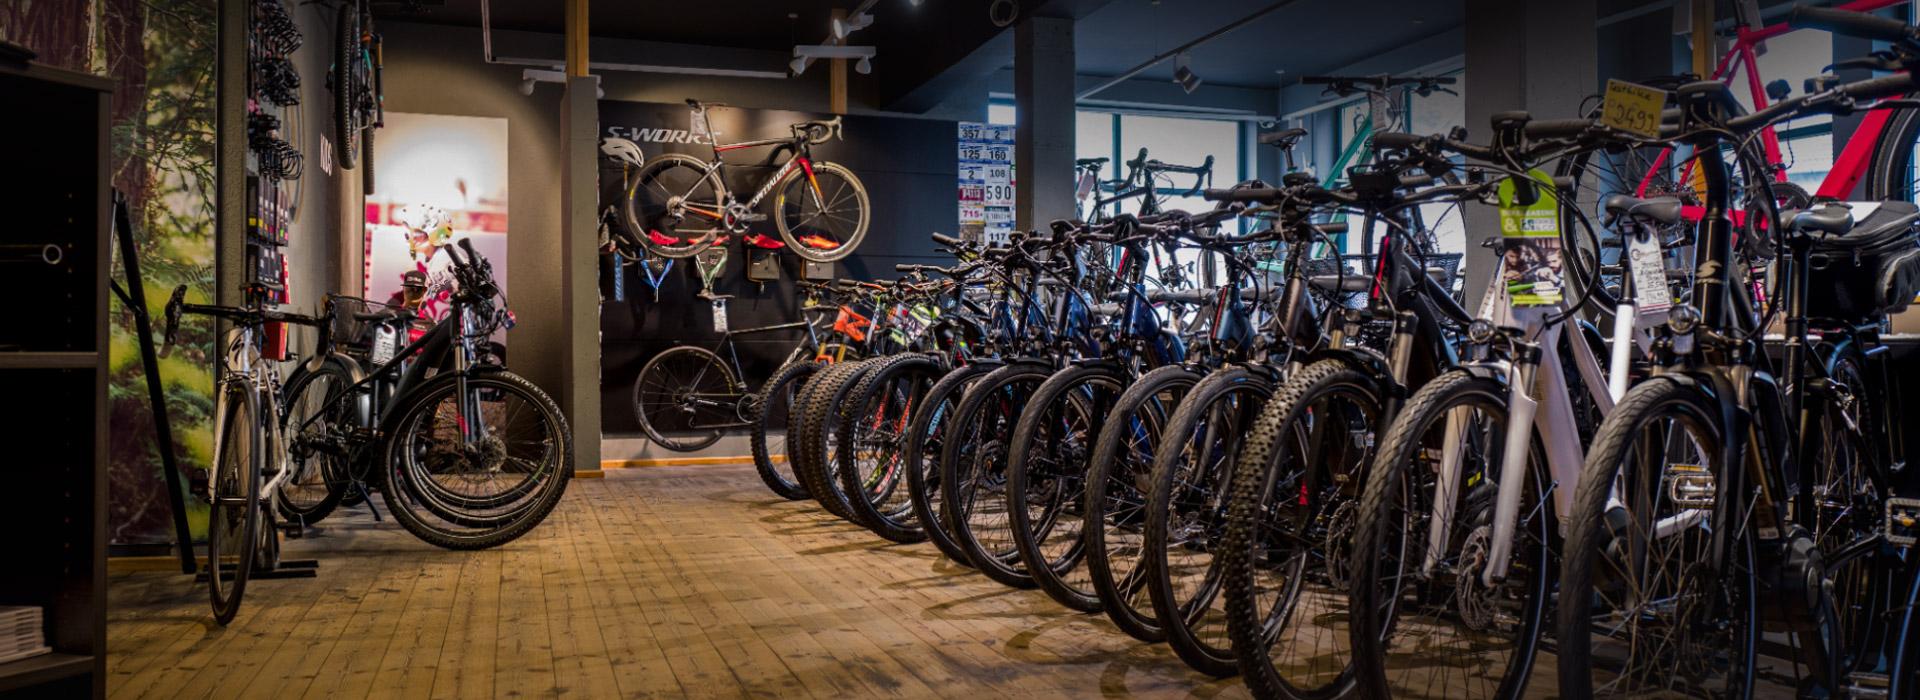 Das passende Fahrrad finden